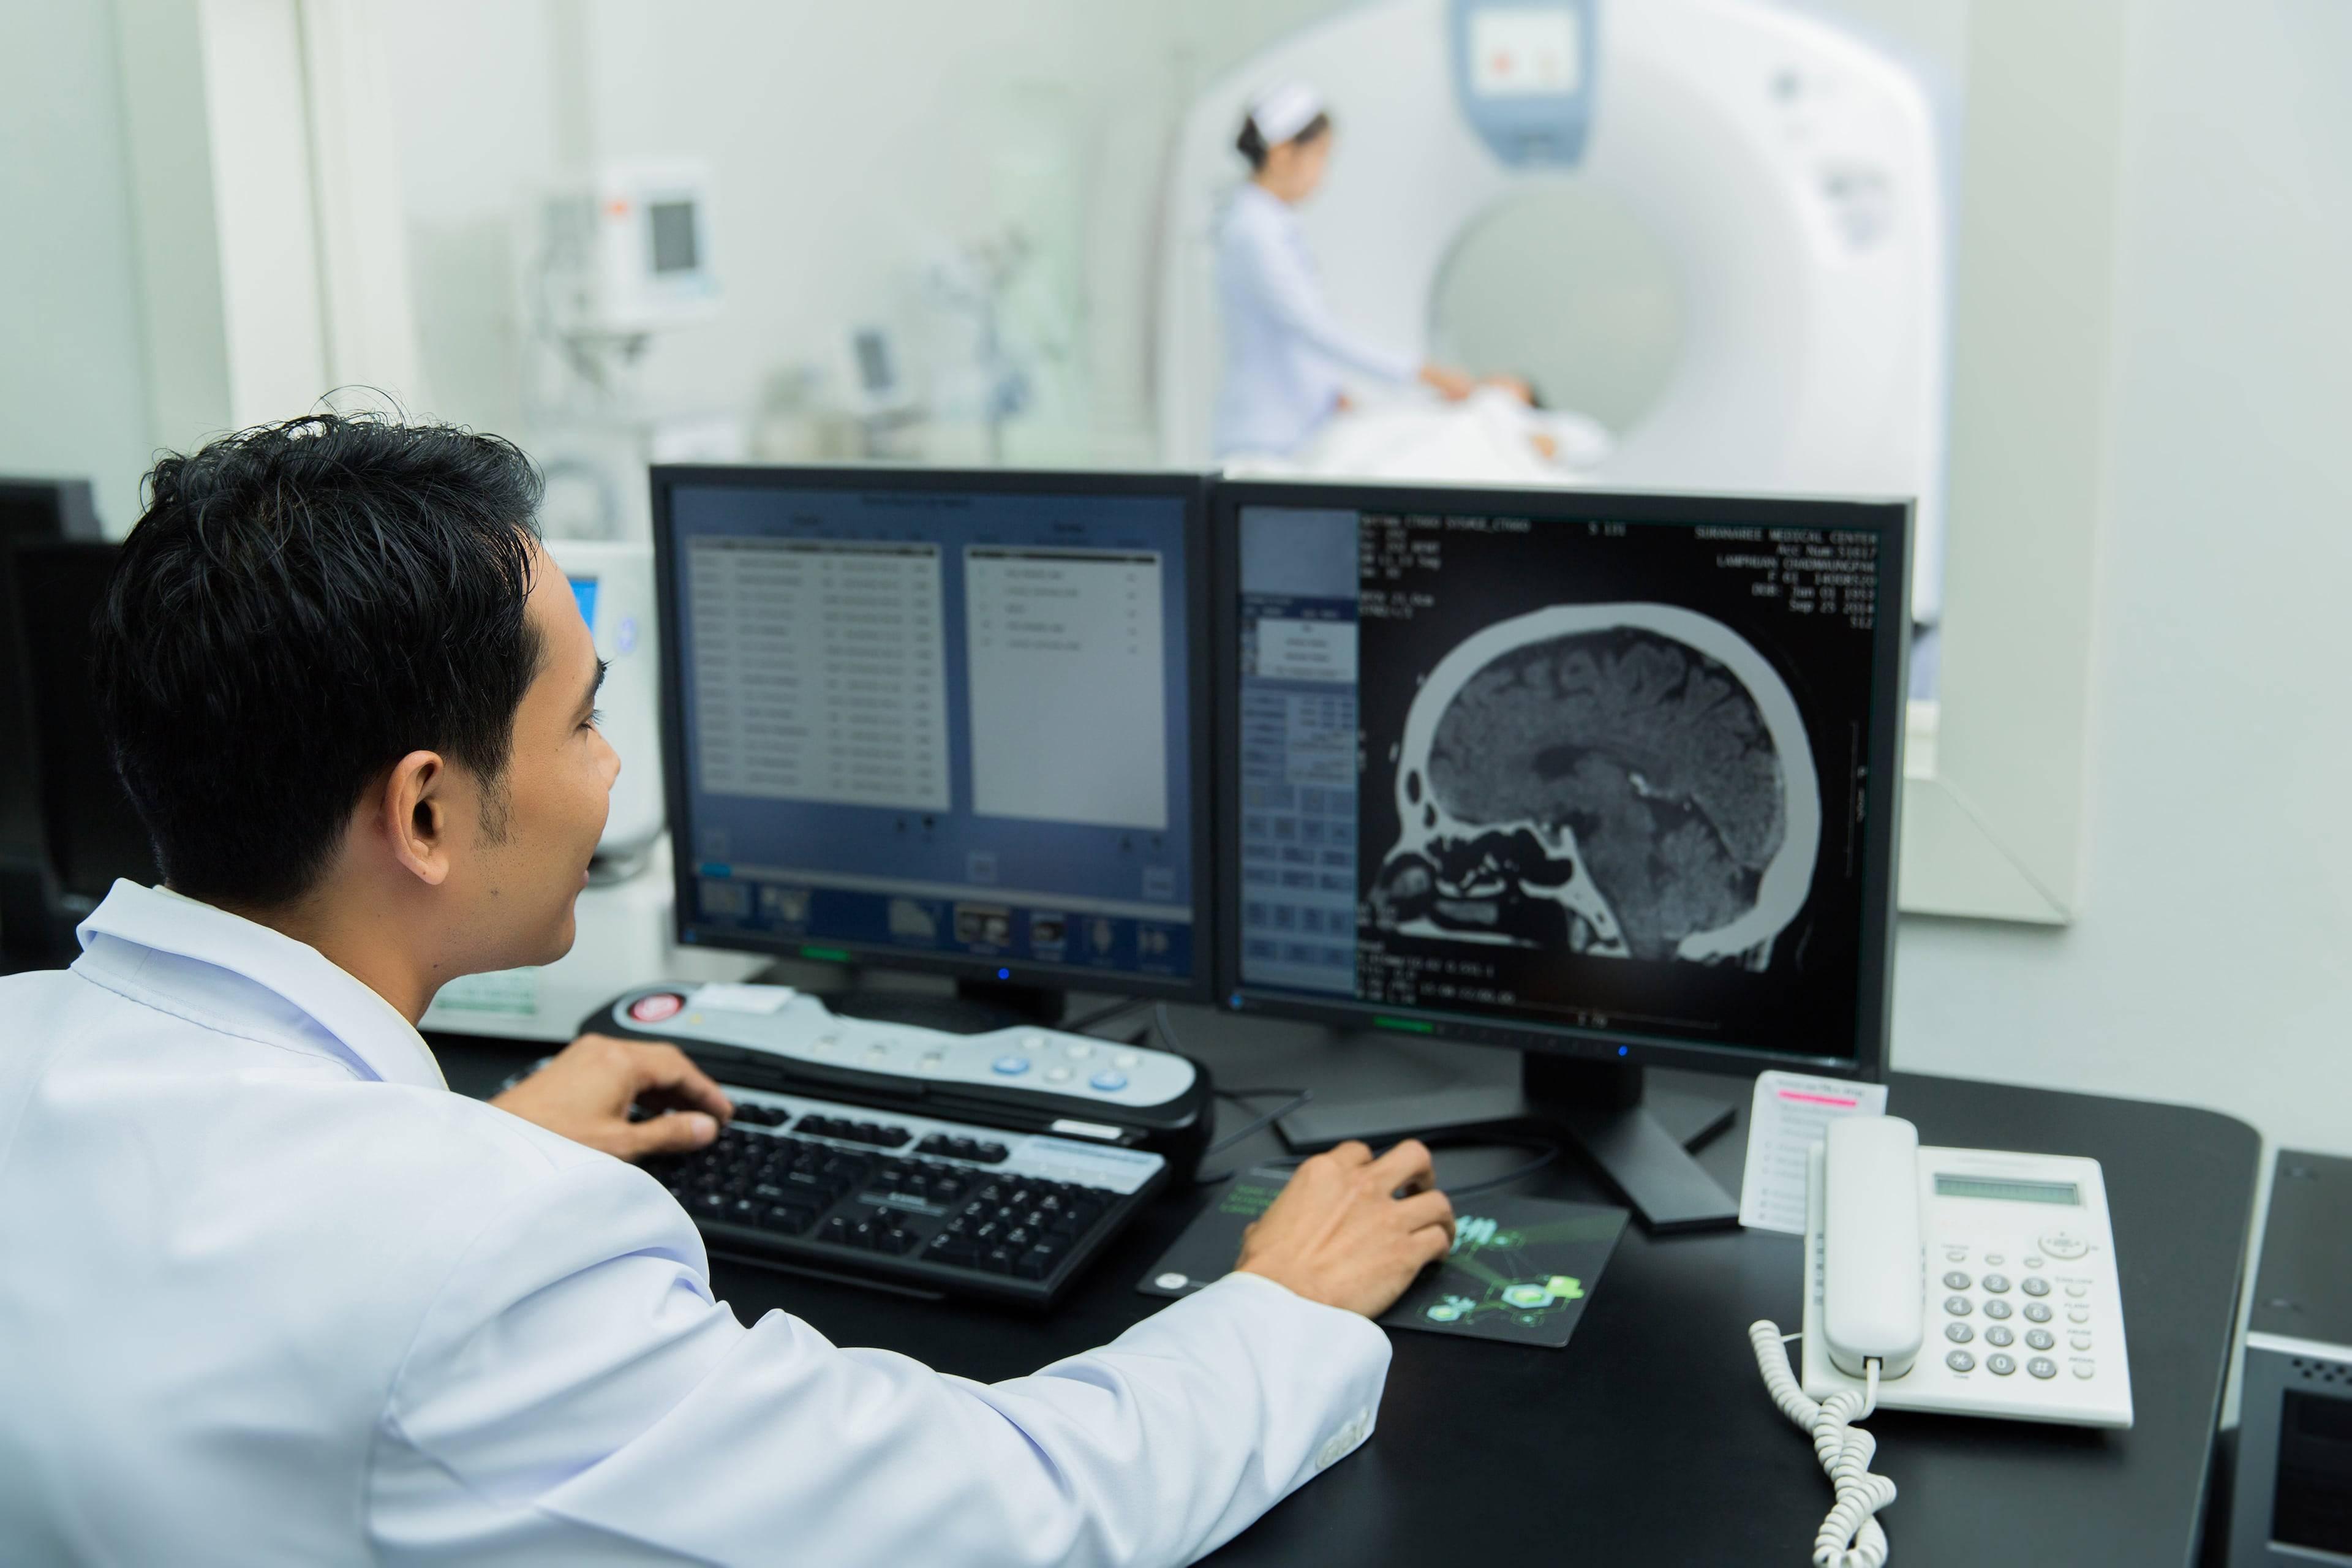 Реабилитация неврологическая в германии, неврология, лечение в клиниках германии